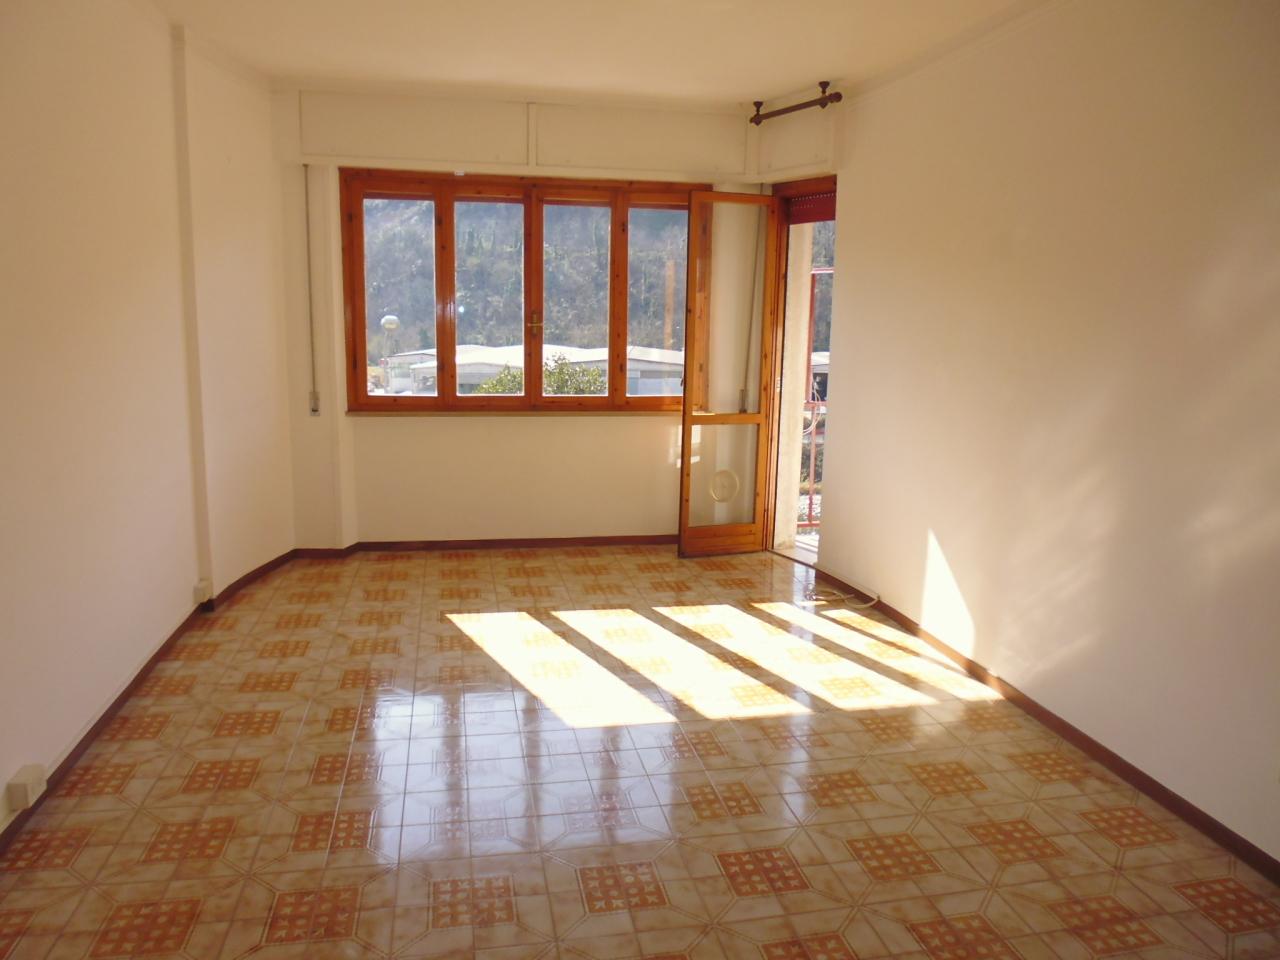 Appartamento in affitto a Casarza Ligure, 3 locali, prezzo € 450 | CambioCasa.it